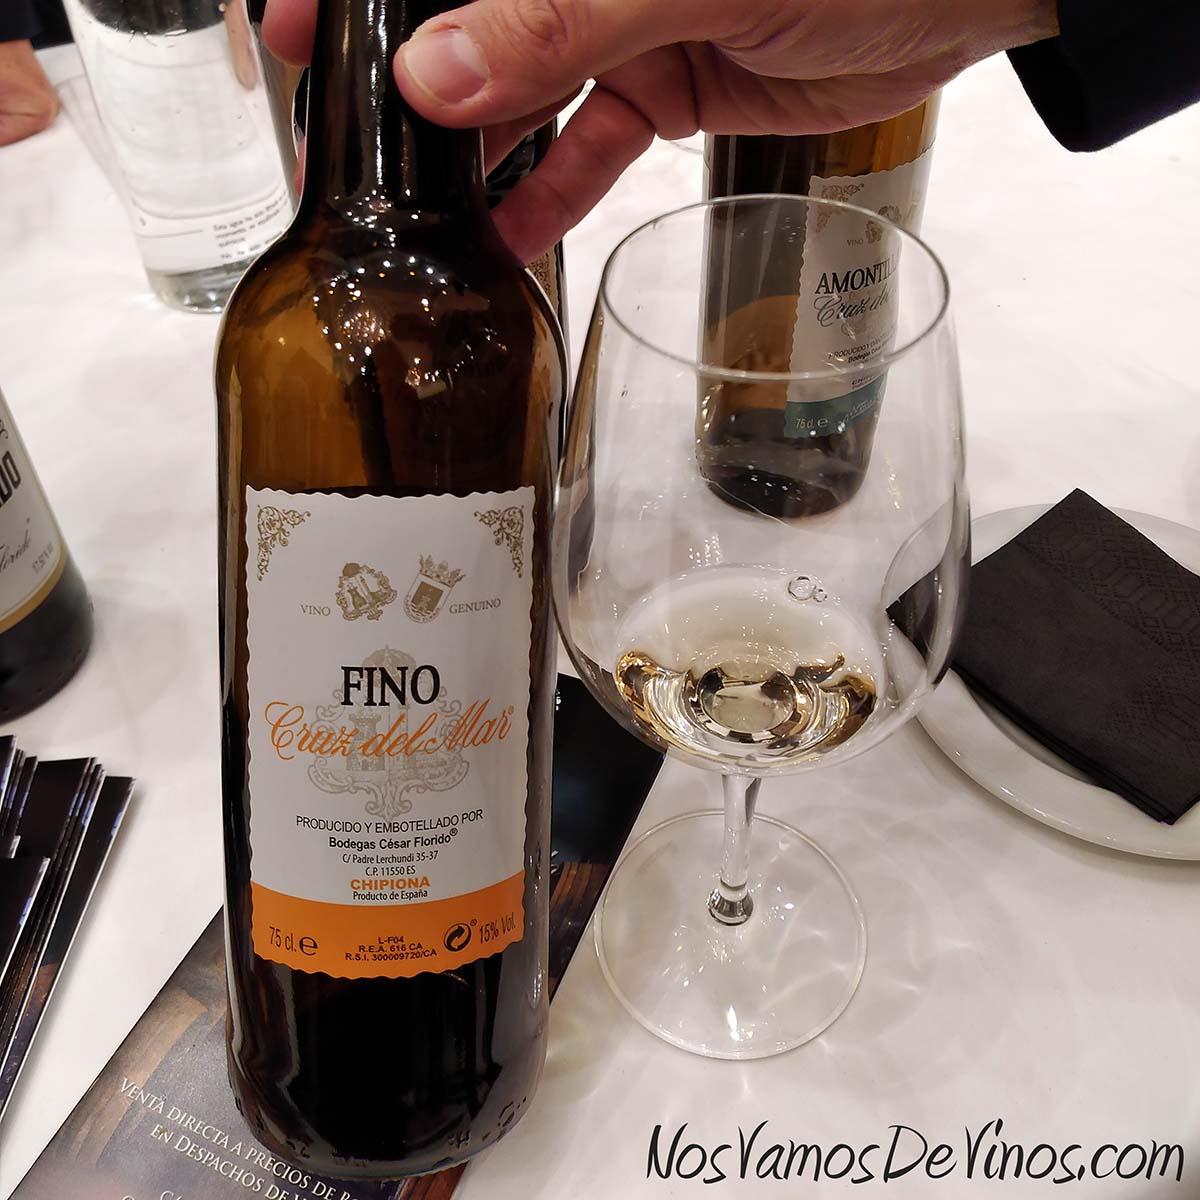 César Florido Fino Cruz del Mar V Salón de los Vinos Generosos